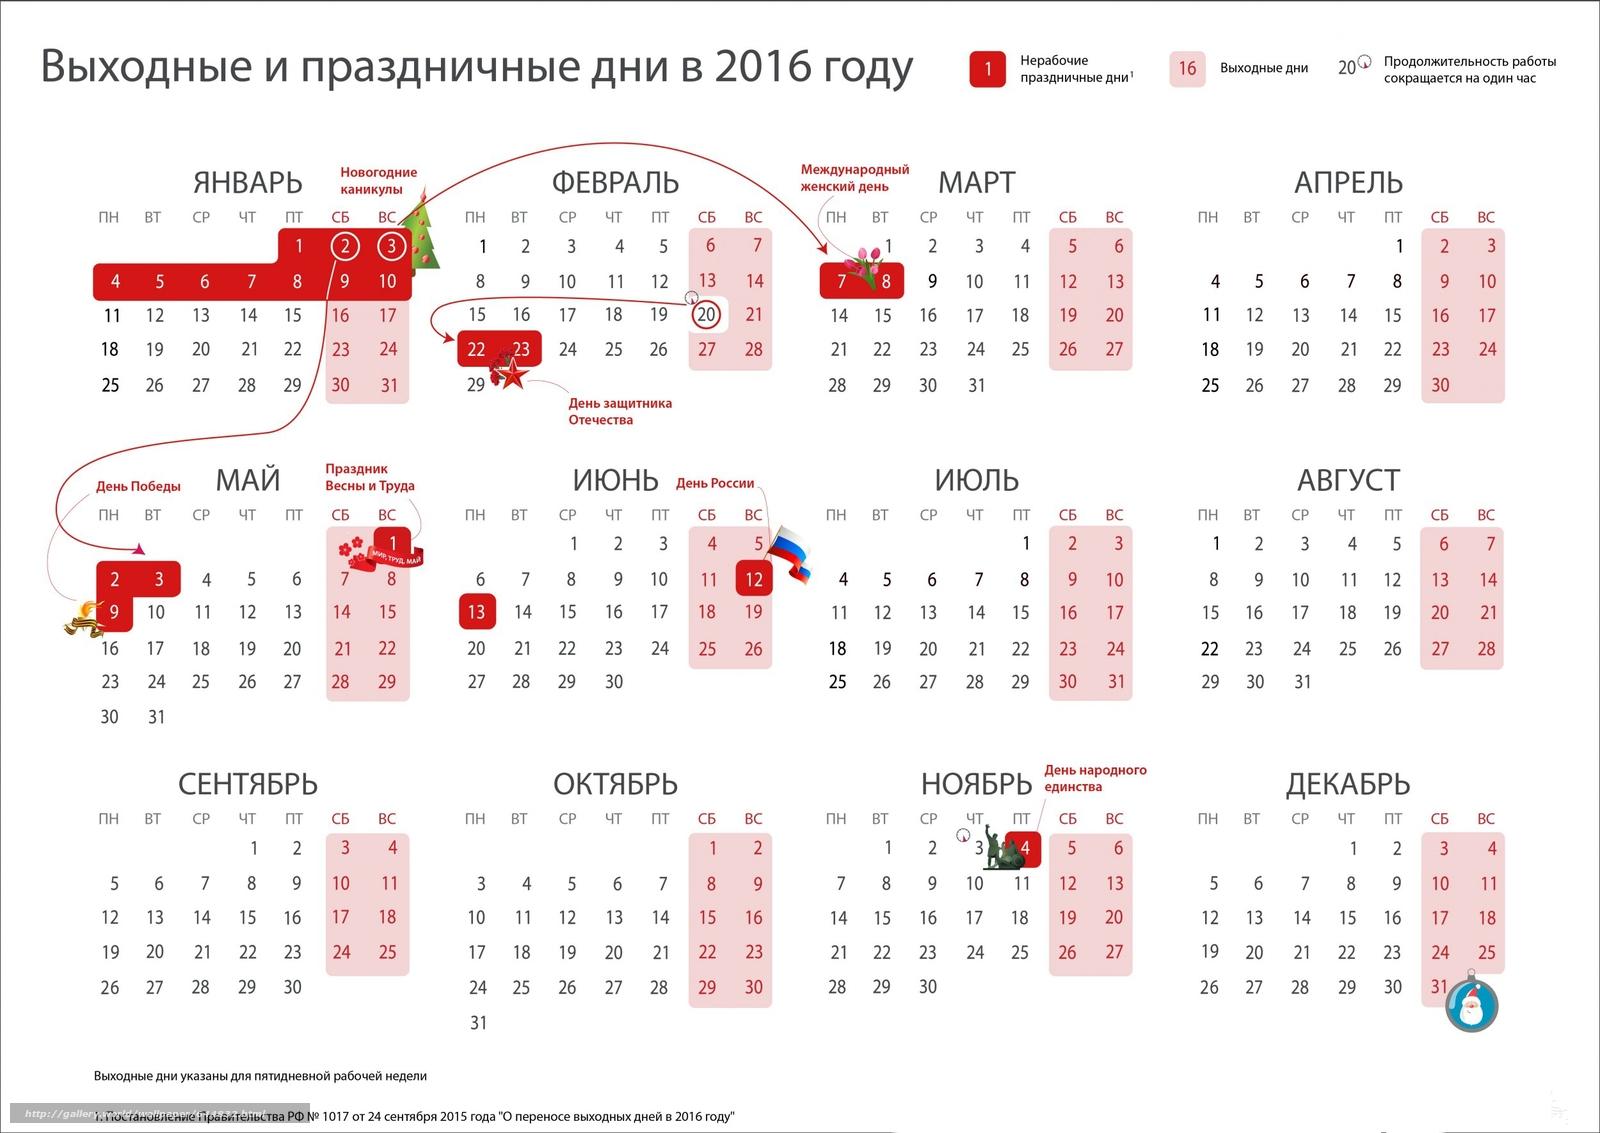 Календарь На 2016 Год, Выходные Праздники, Постановление throughout Khmer Calendar 2016